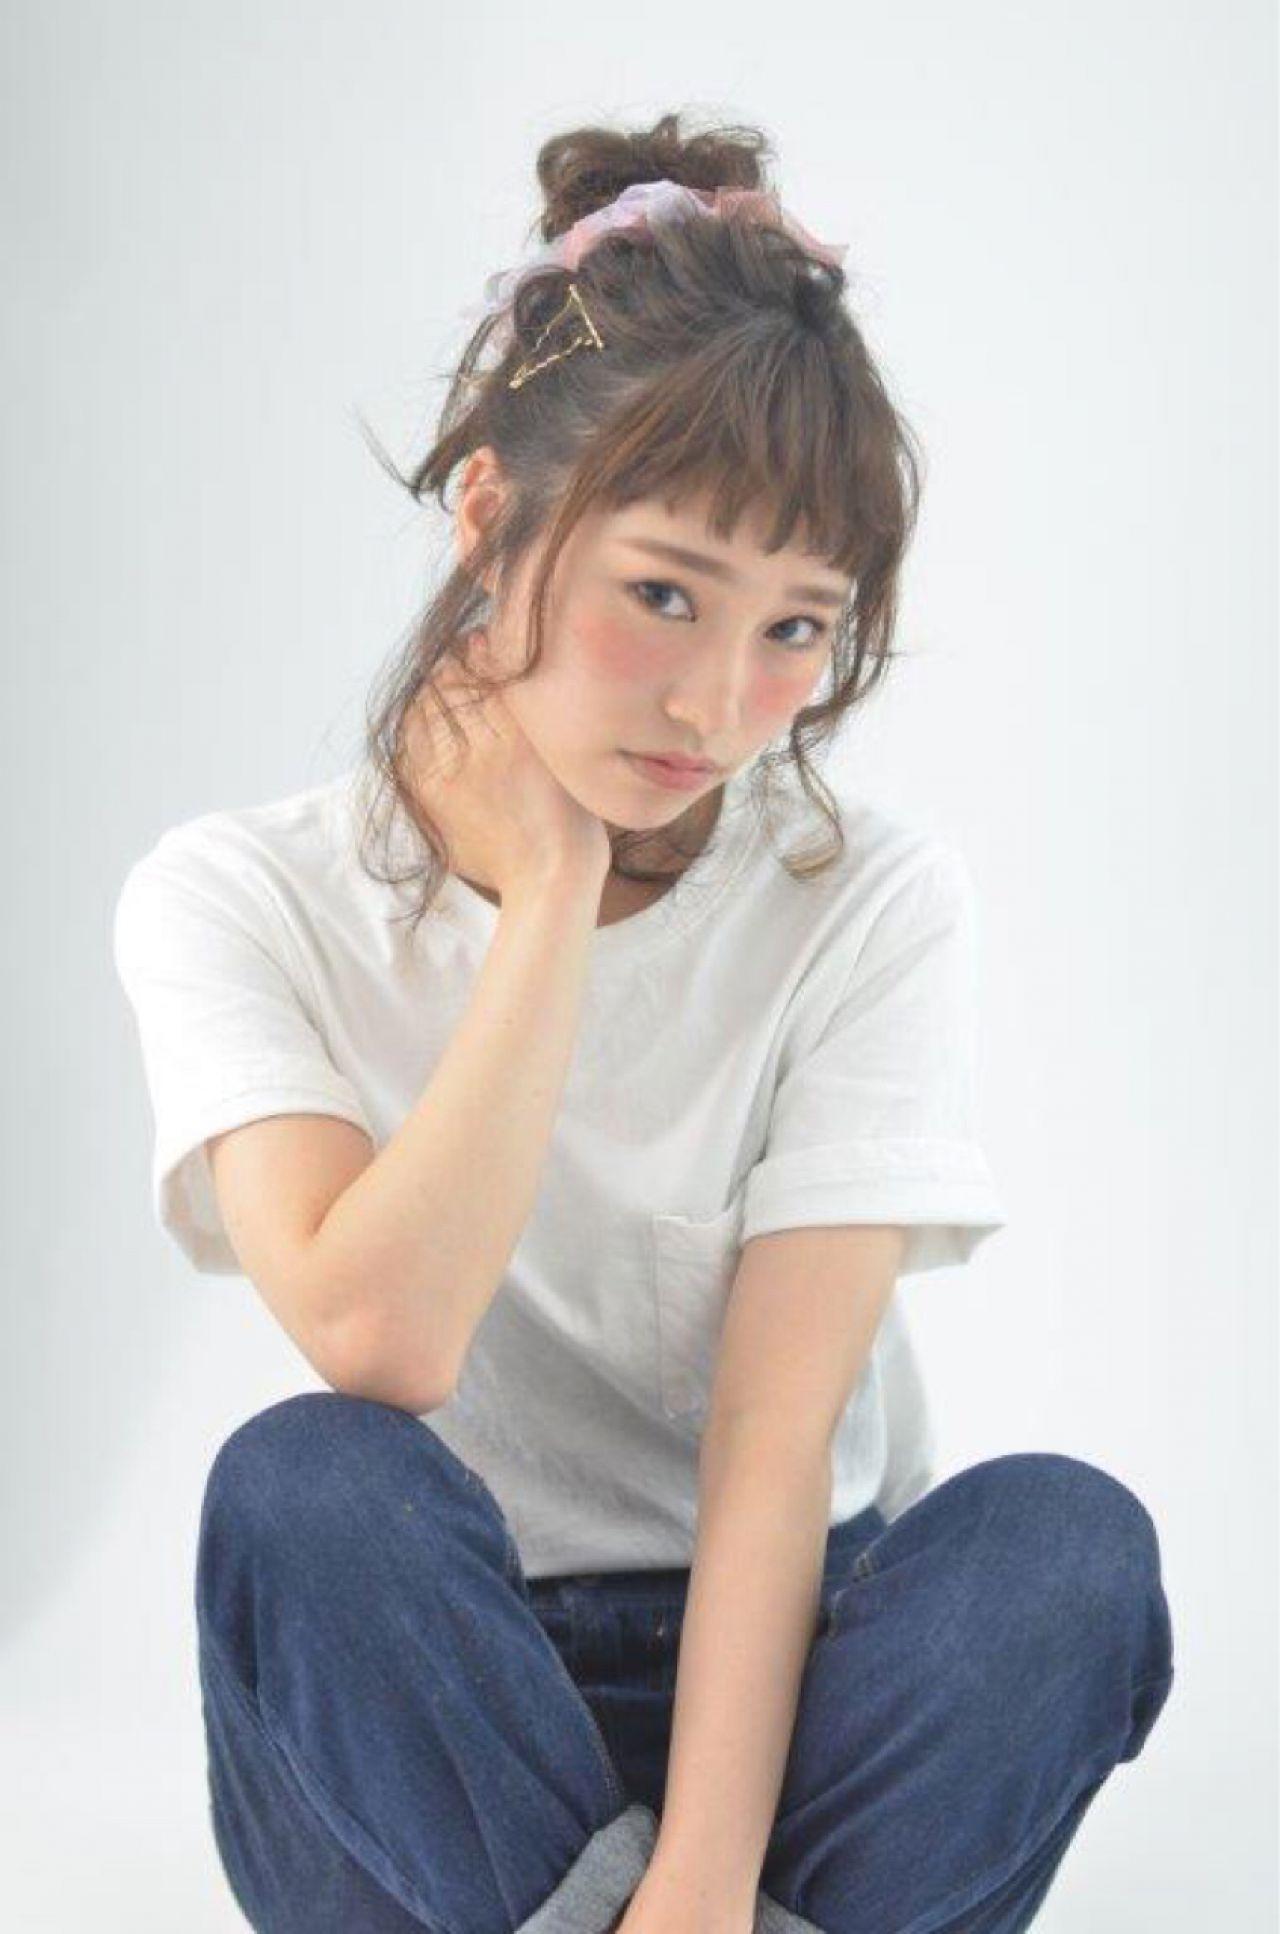 ショート セミロング お団子 簡単ヘアアレンジ ヘアスタイルや髪型の写真・画像